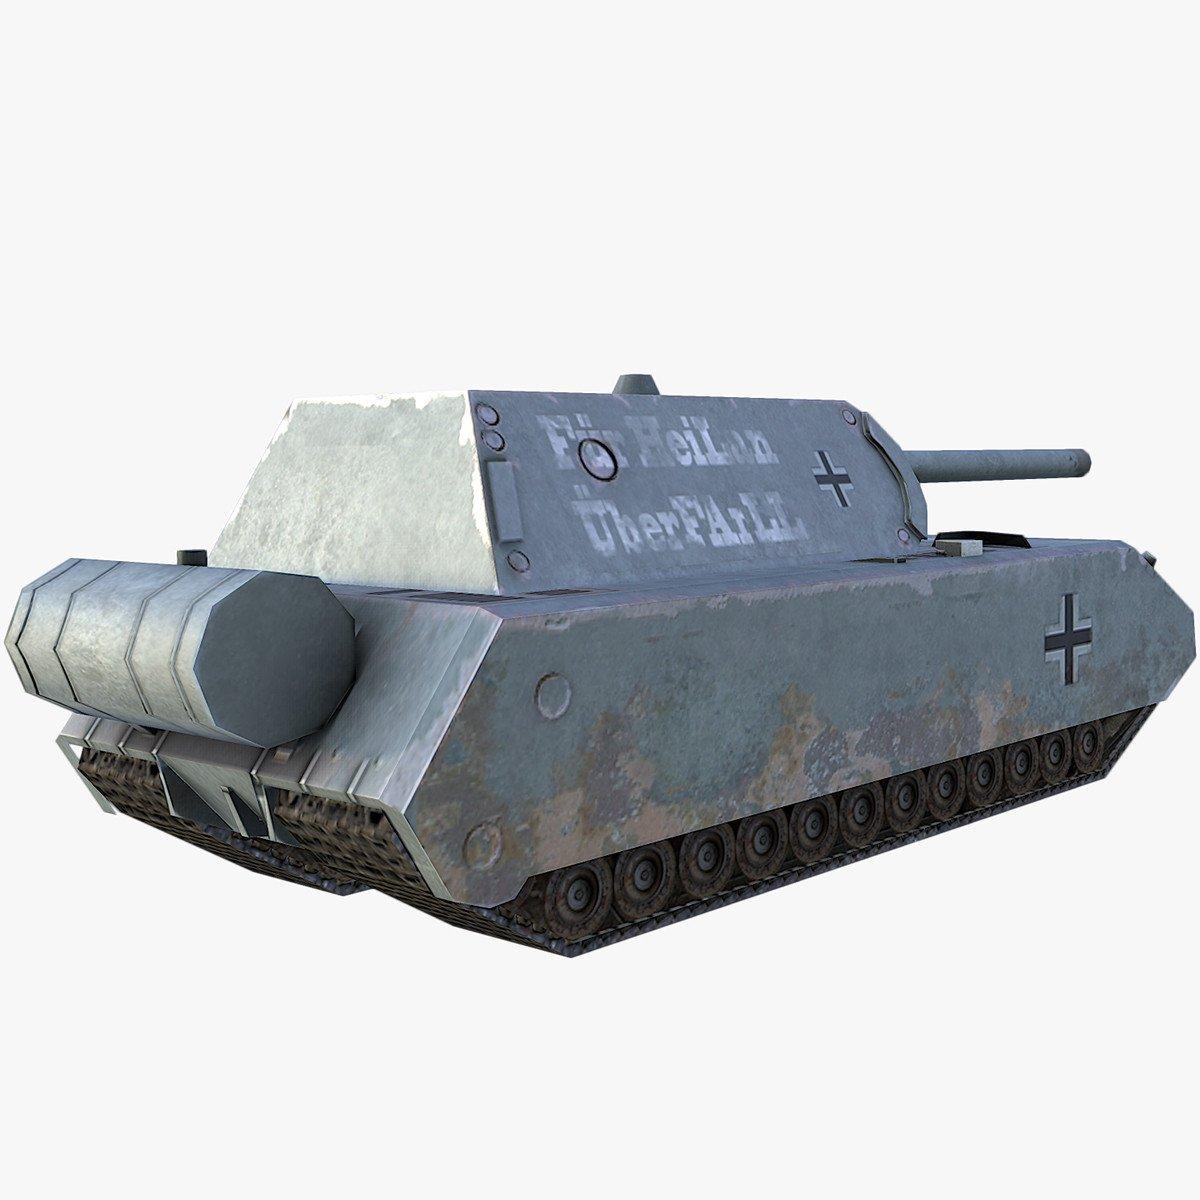 Ww2 Maus Tank Free 3d Models